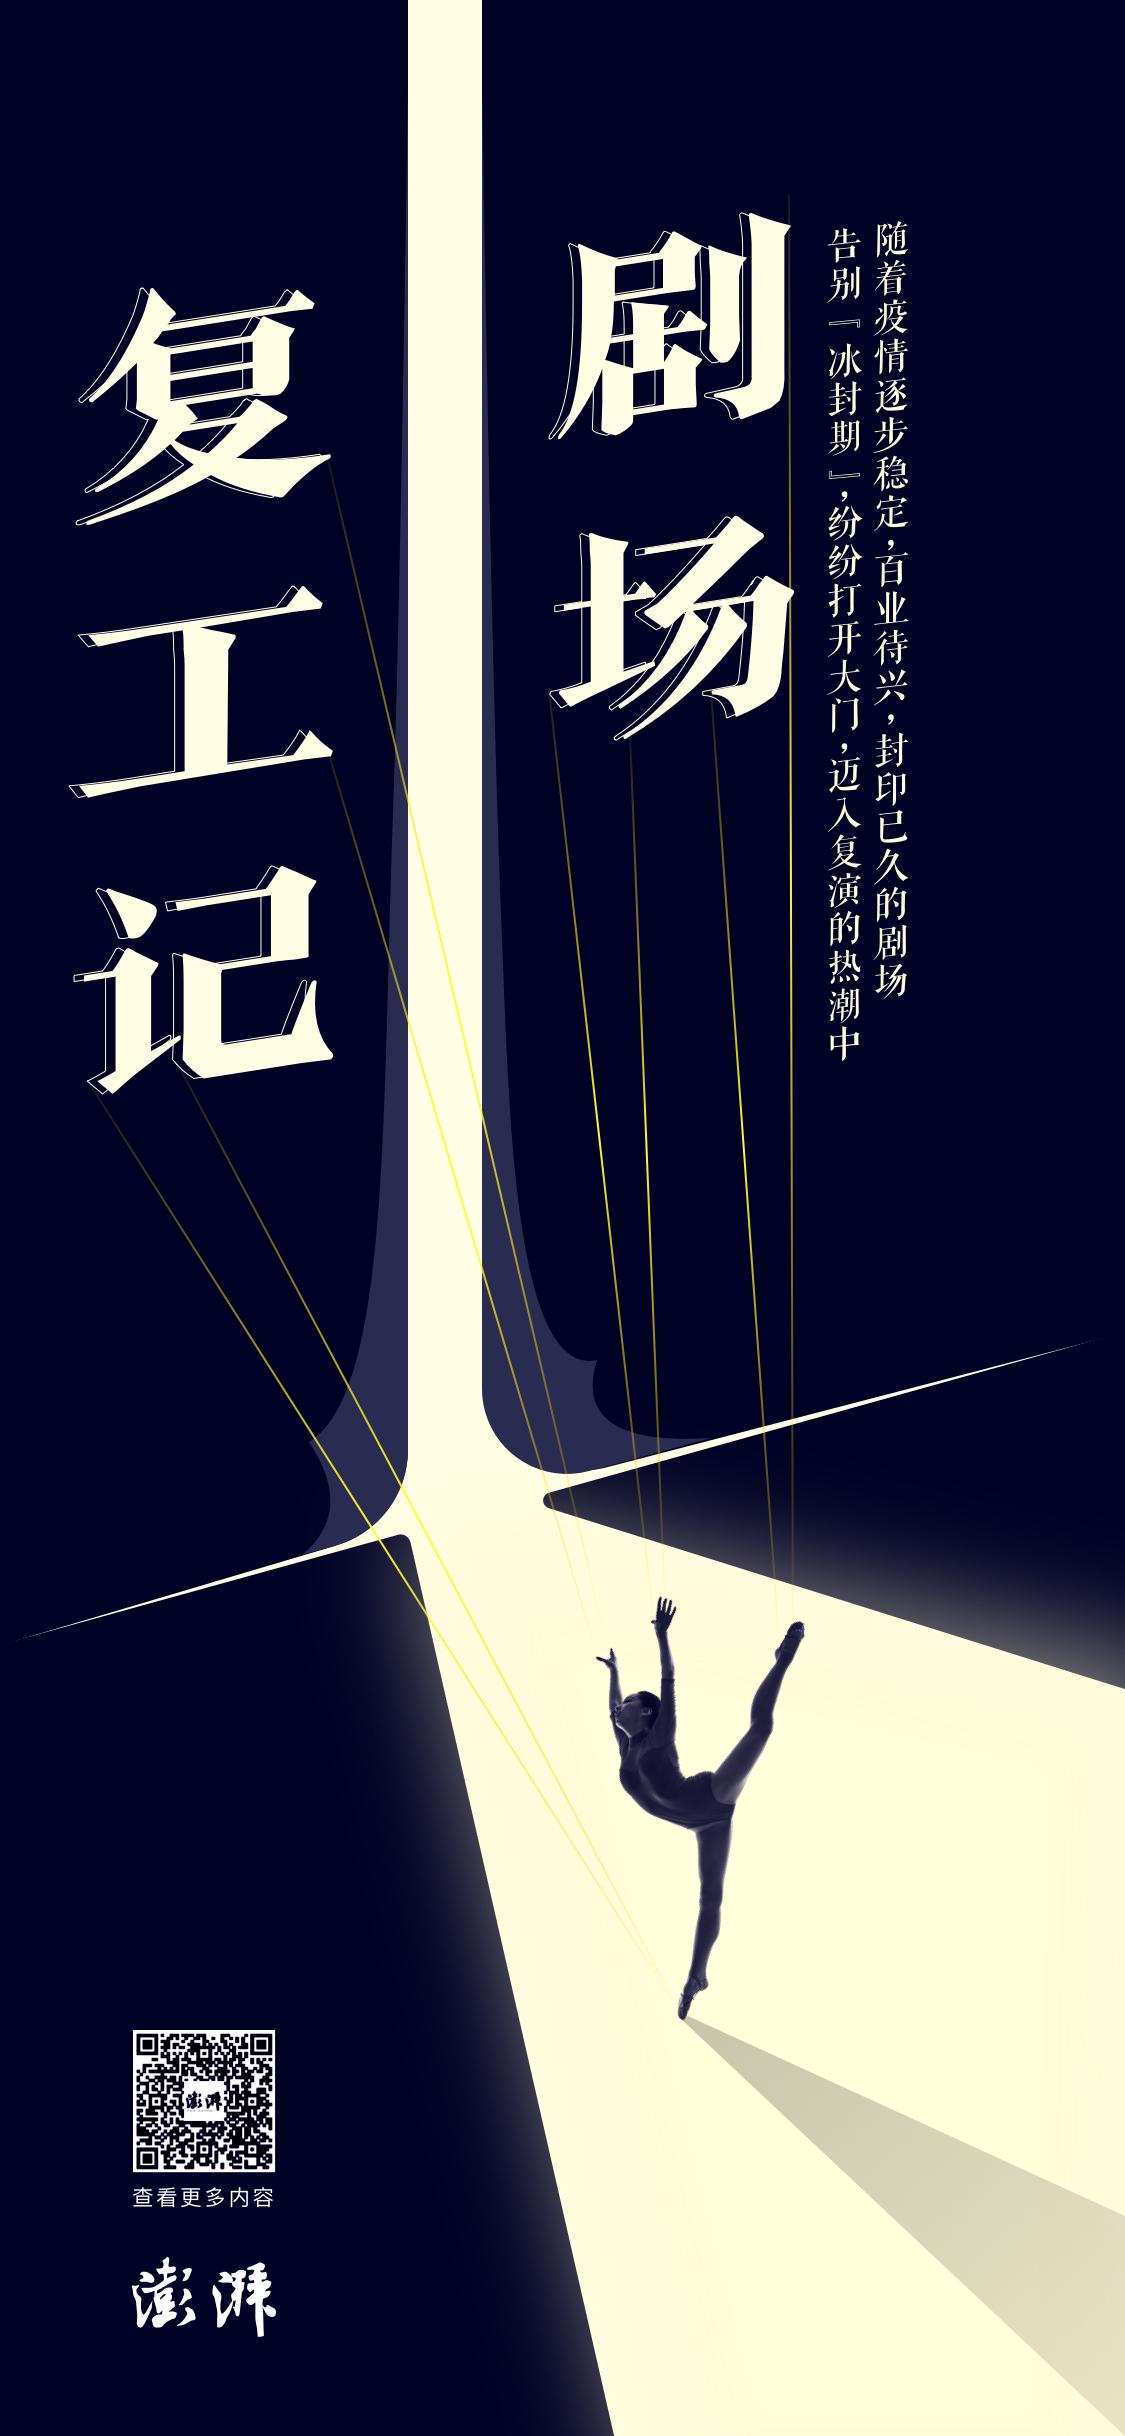 海报设计设计 吴思敏